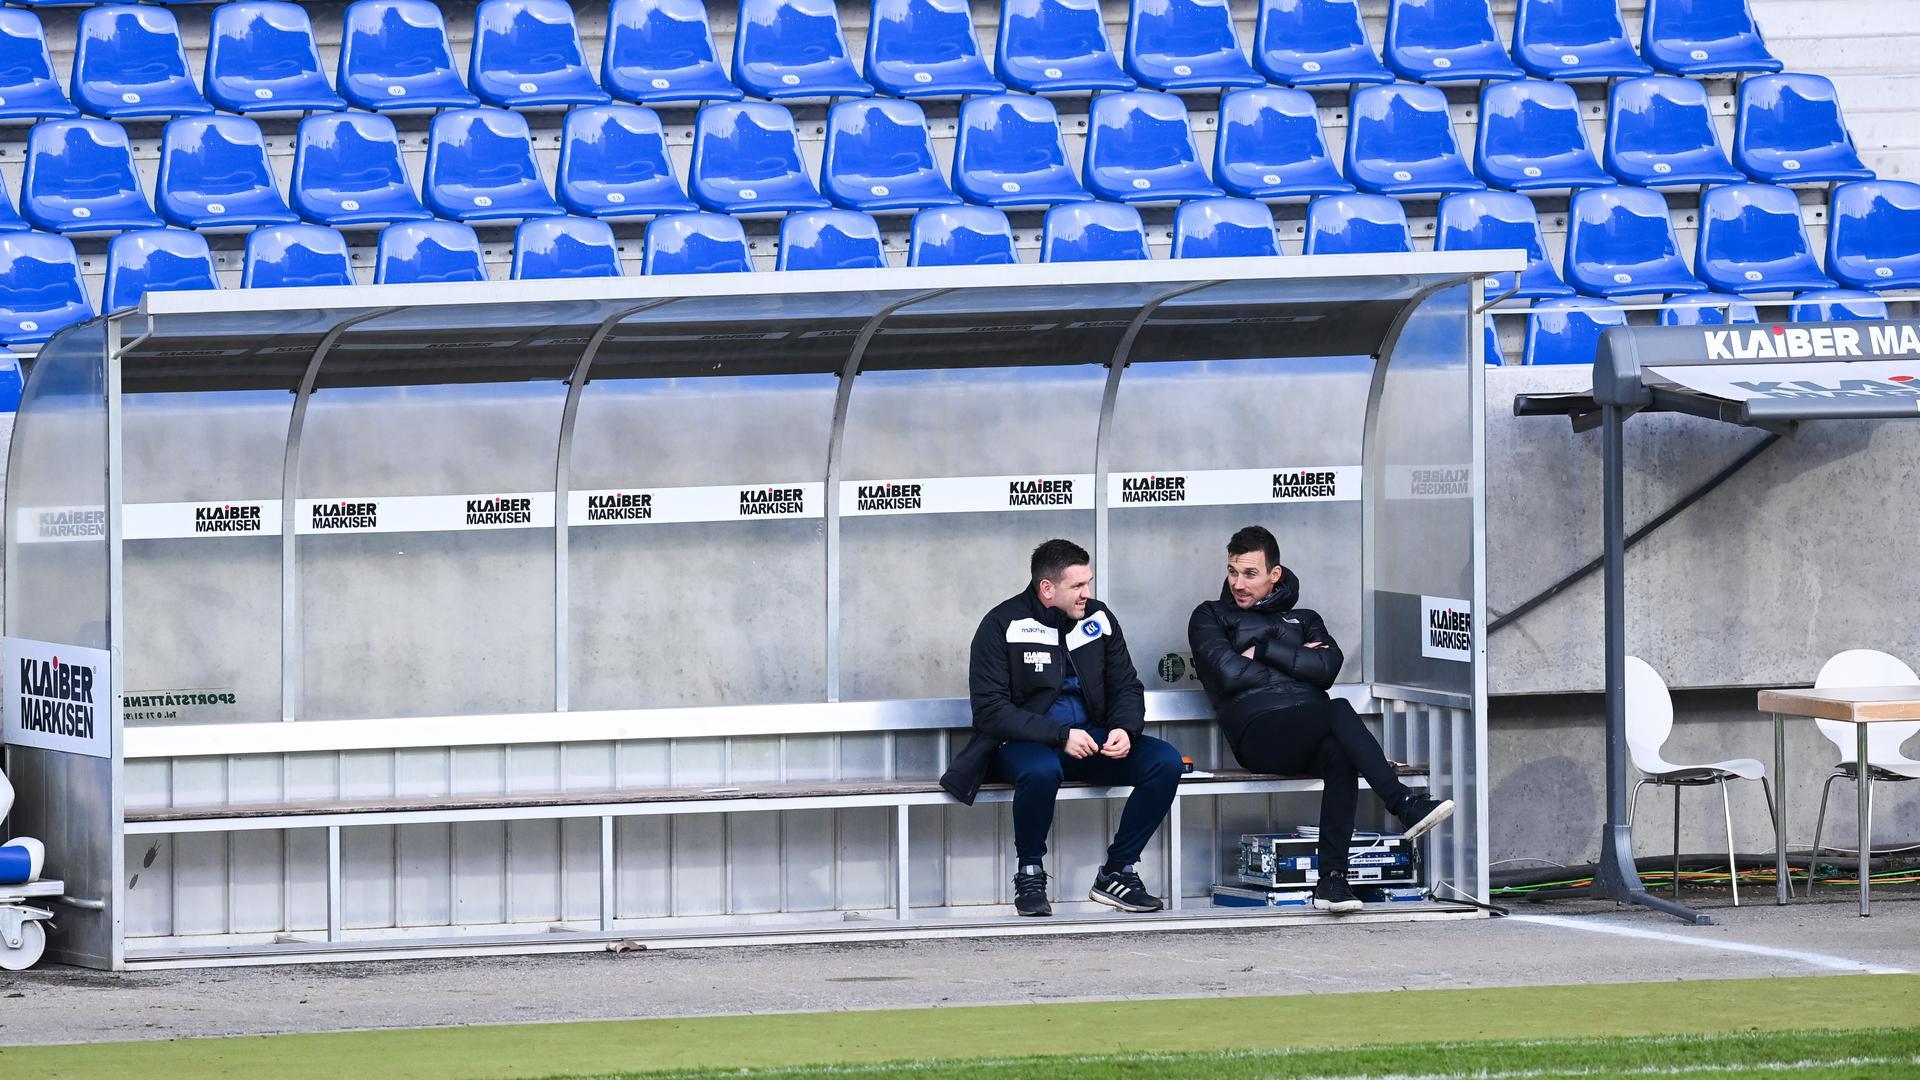 Co-Trainer Zlatan Bajramovic (KSC, l.) und Trainer Christian Eichner (KSC, r.) sitzen nach dem Spiel enttaeuscht auf der Bank.  GES/ Fussball/ 2. Bundesliga: Karlsruher SC - Fortuna Duesseldorf, 13.12.2020  Football / Soccer: 2nd League: Karlsruher Sport-Club vs Fortuna Duesseldorf, Karlsruhe, December 13, 2020